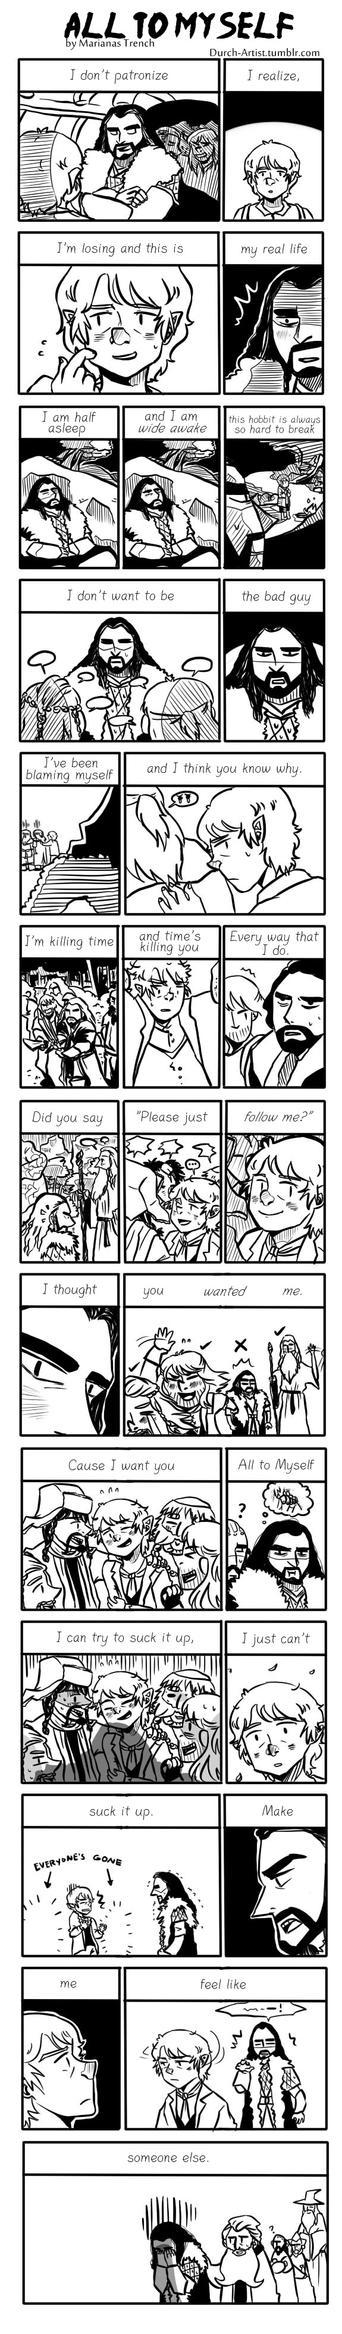 Hobbit: All To Myself by Durch-Leiden-Freude